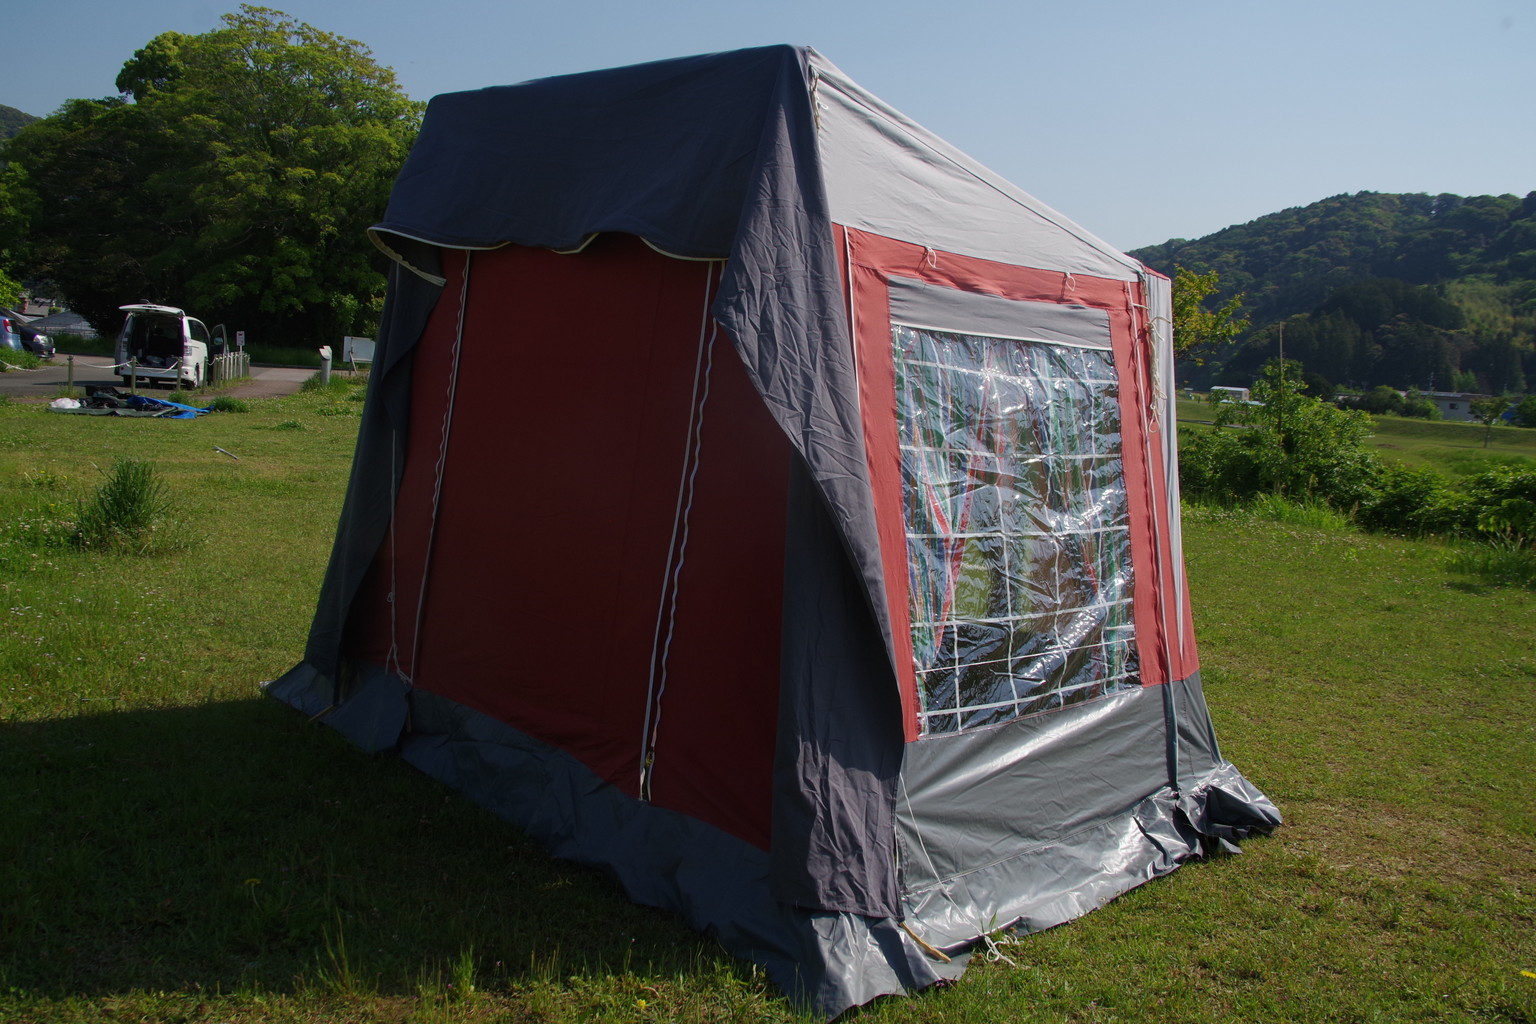 英国製 Royal Camp カーサイドテント サンテレスタイル 極上美品